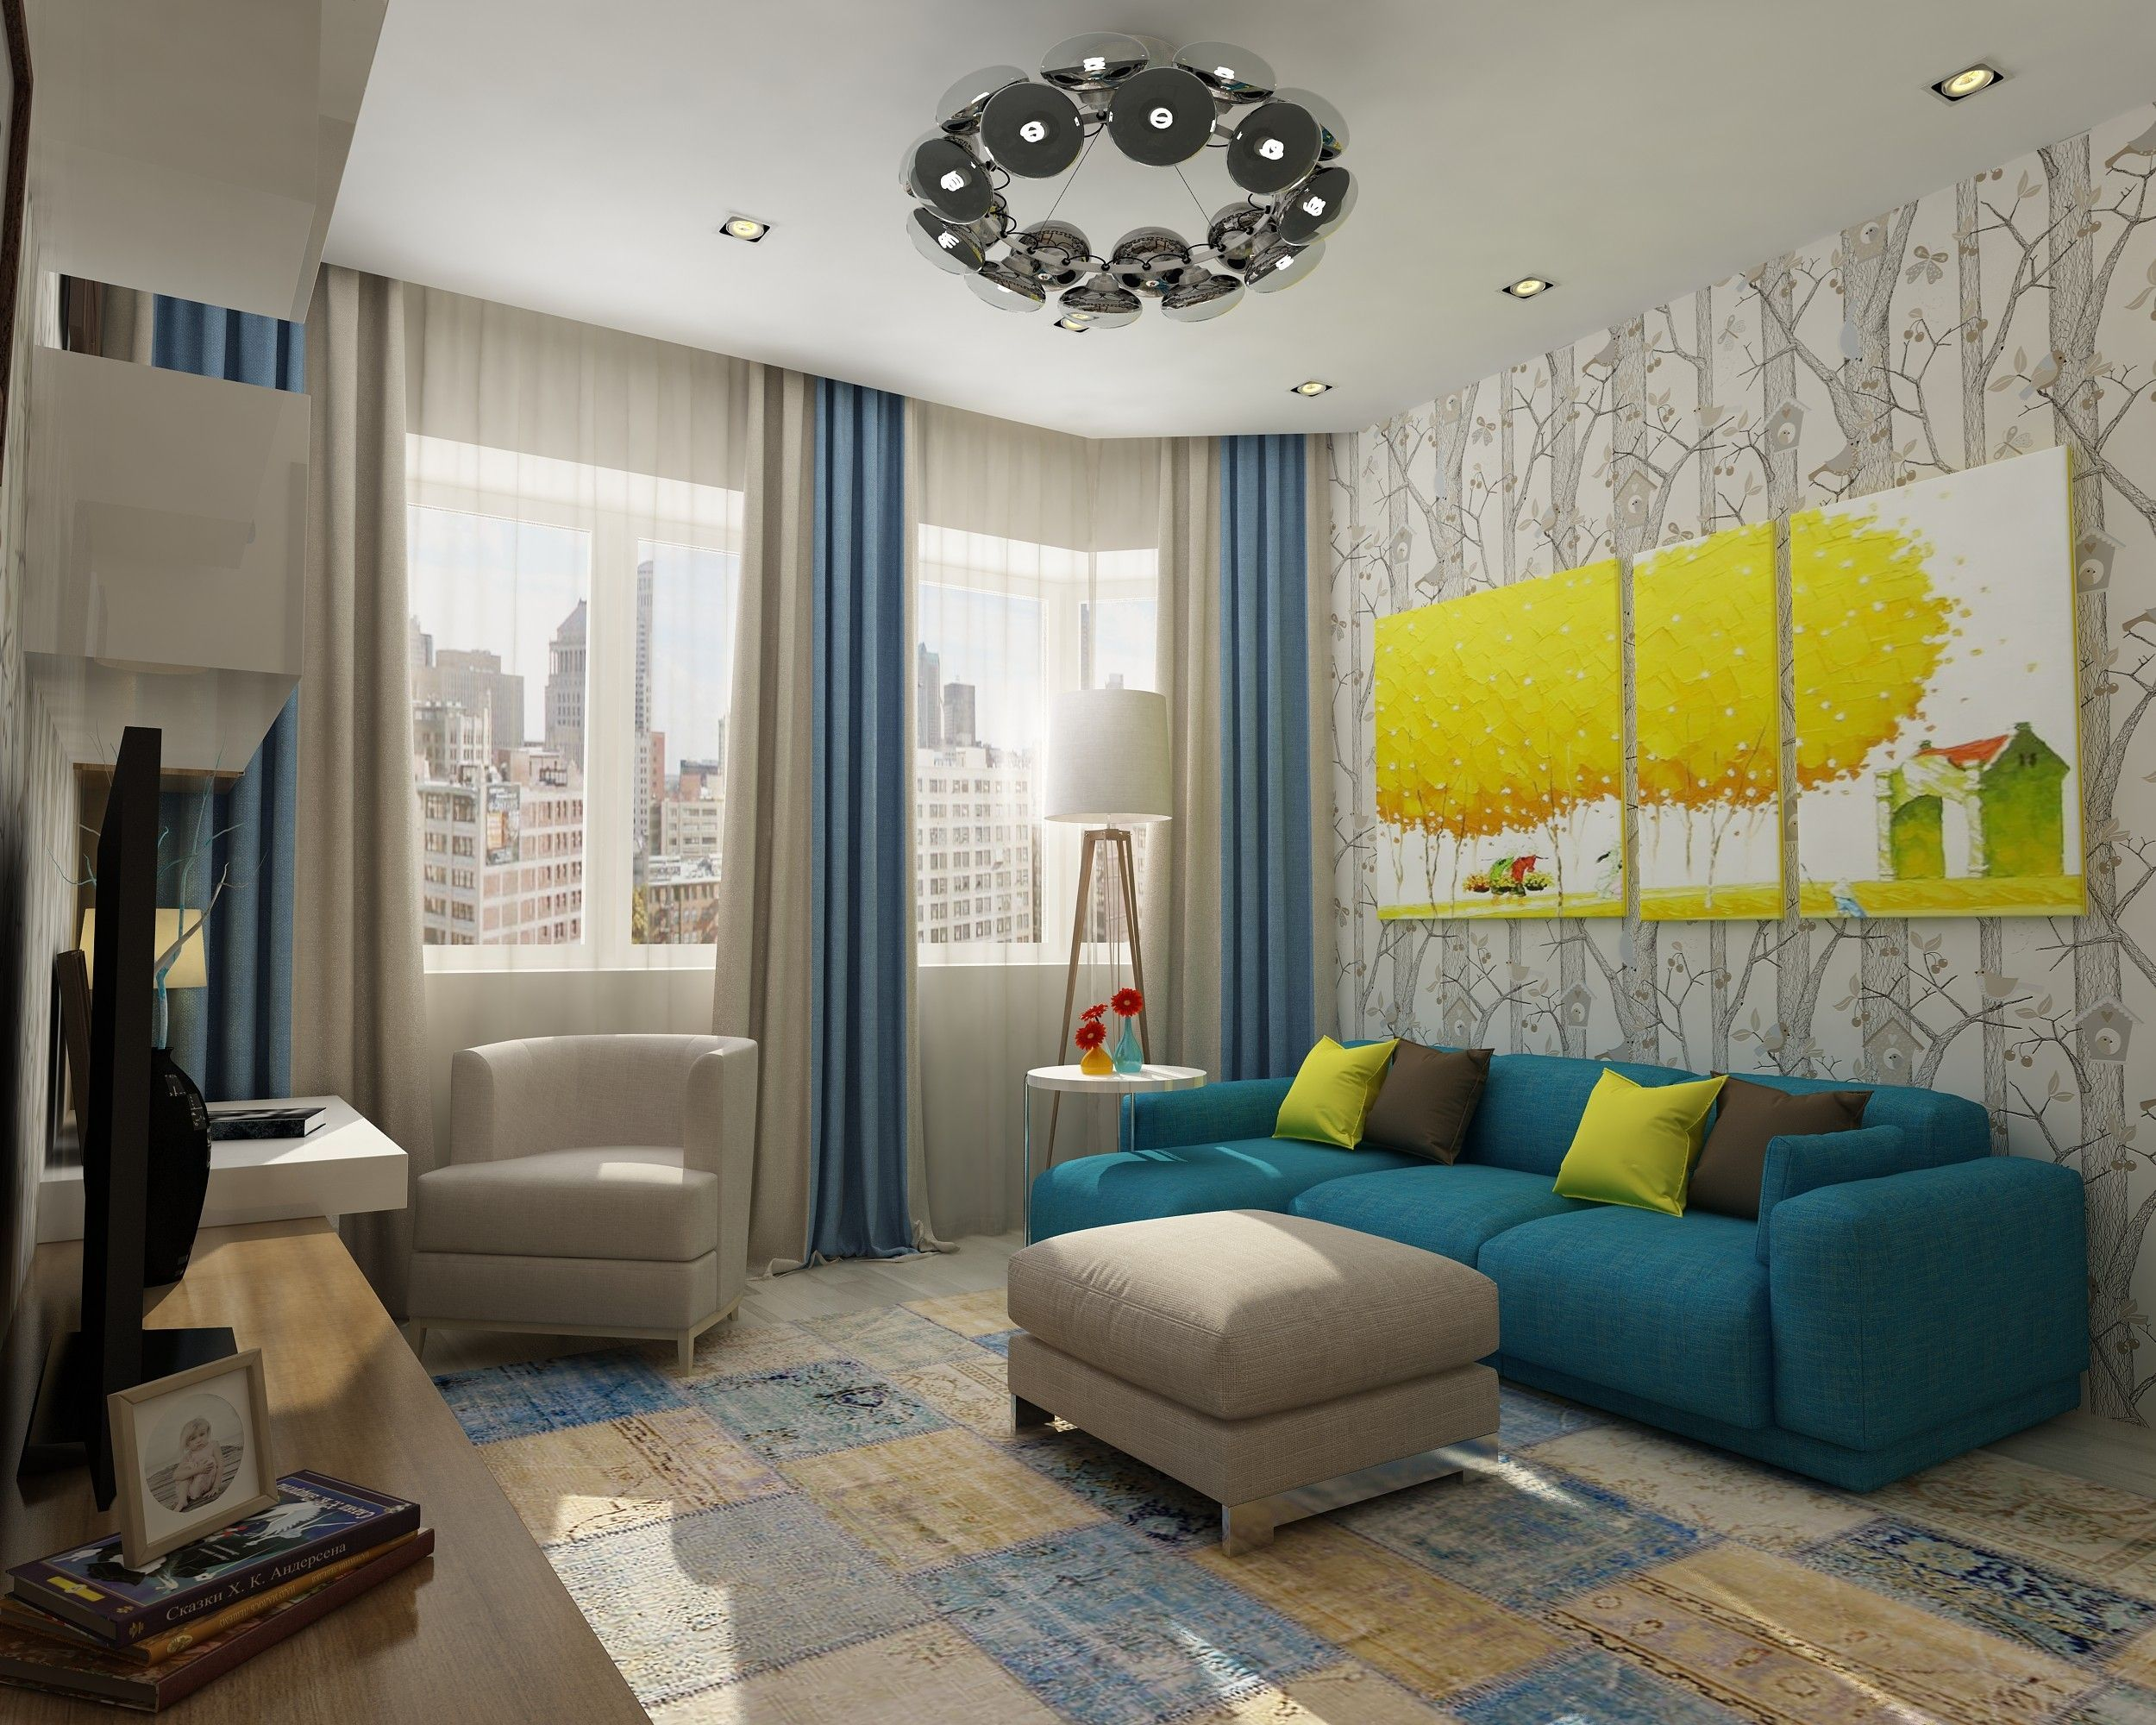 Гостевая комната: проект интерьера - фото